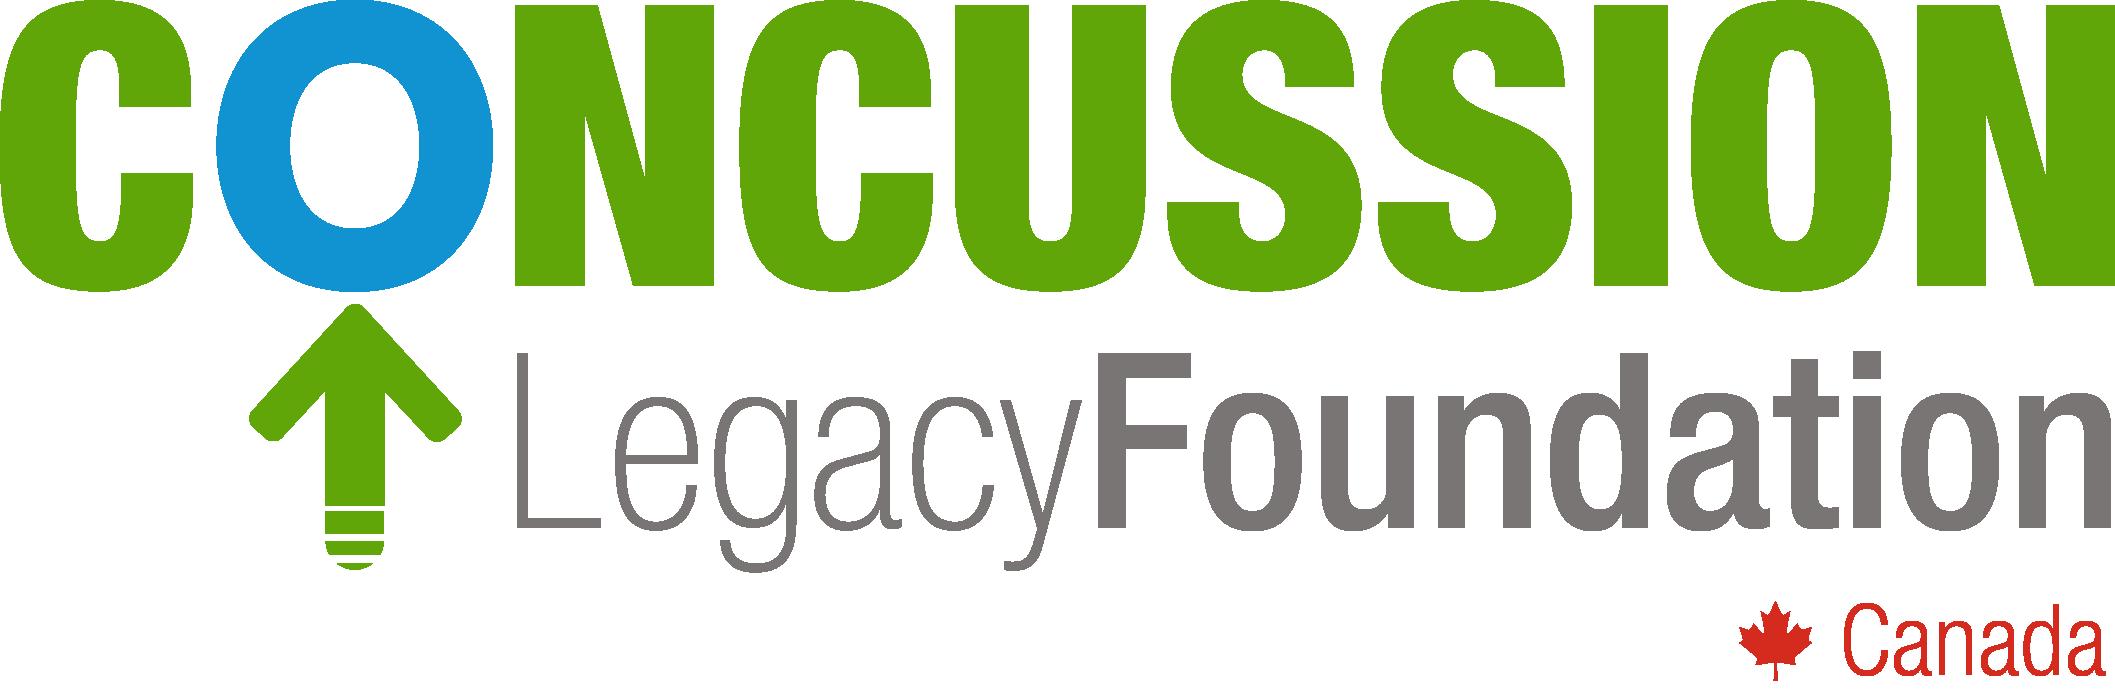 Concussion Legacy Foundation Canada logo (regular)